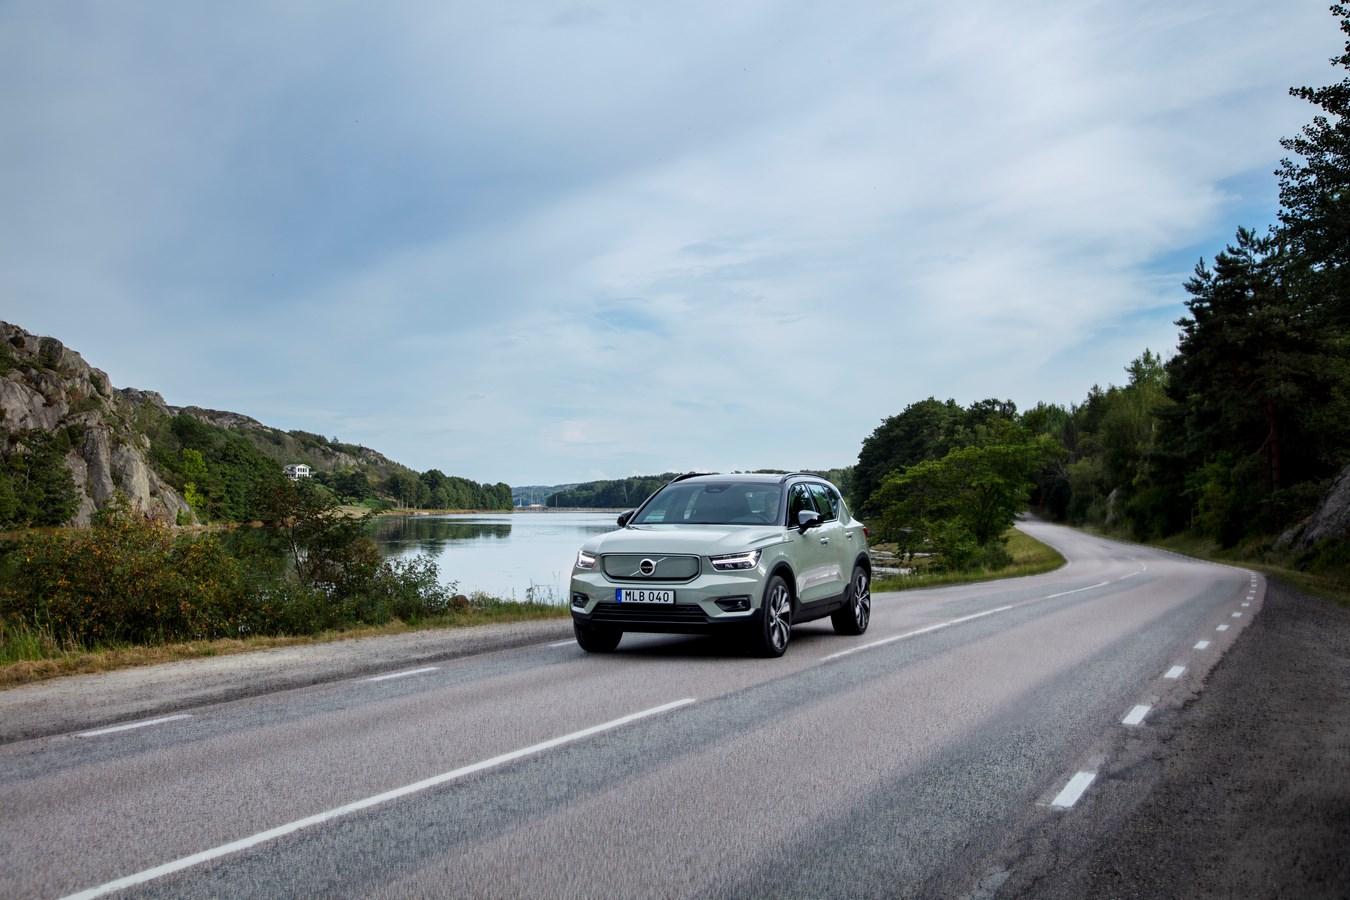 Les experts sécurité de Volvo Cars plaident en faveur de la technologie pour assister les conducteurs et limiter les distractions